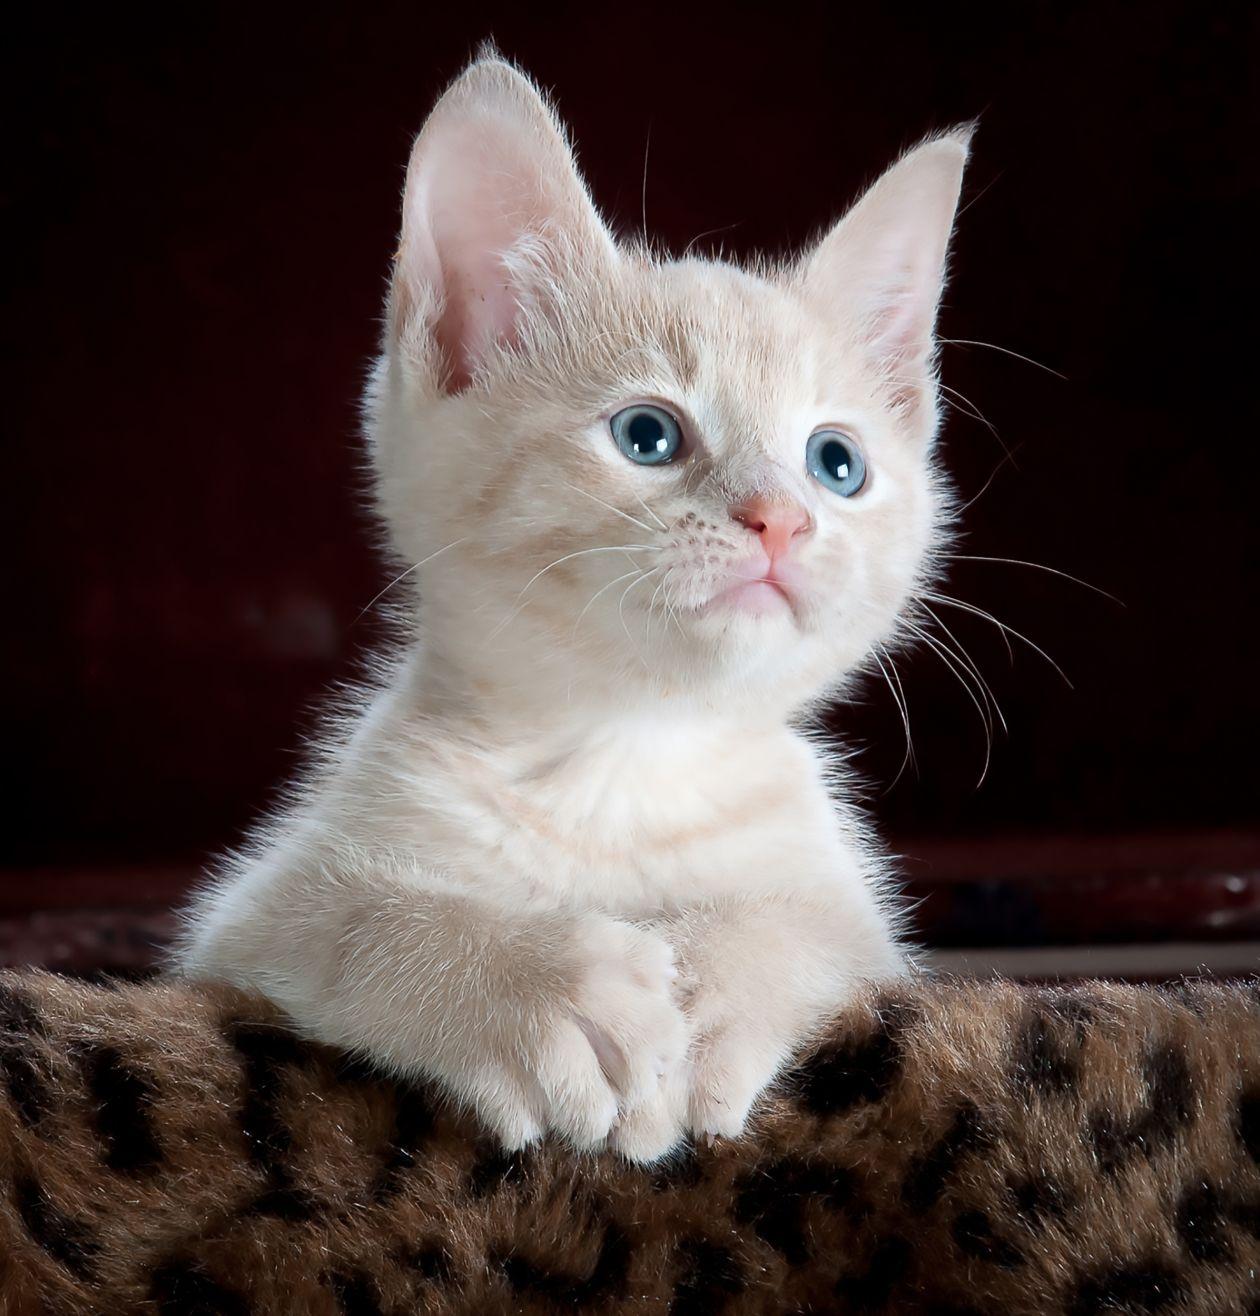 wild cat hybrid kittens for sale